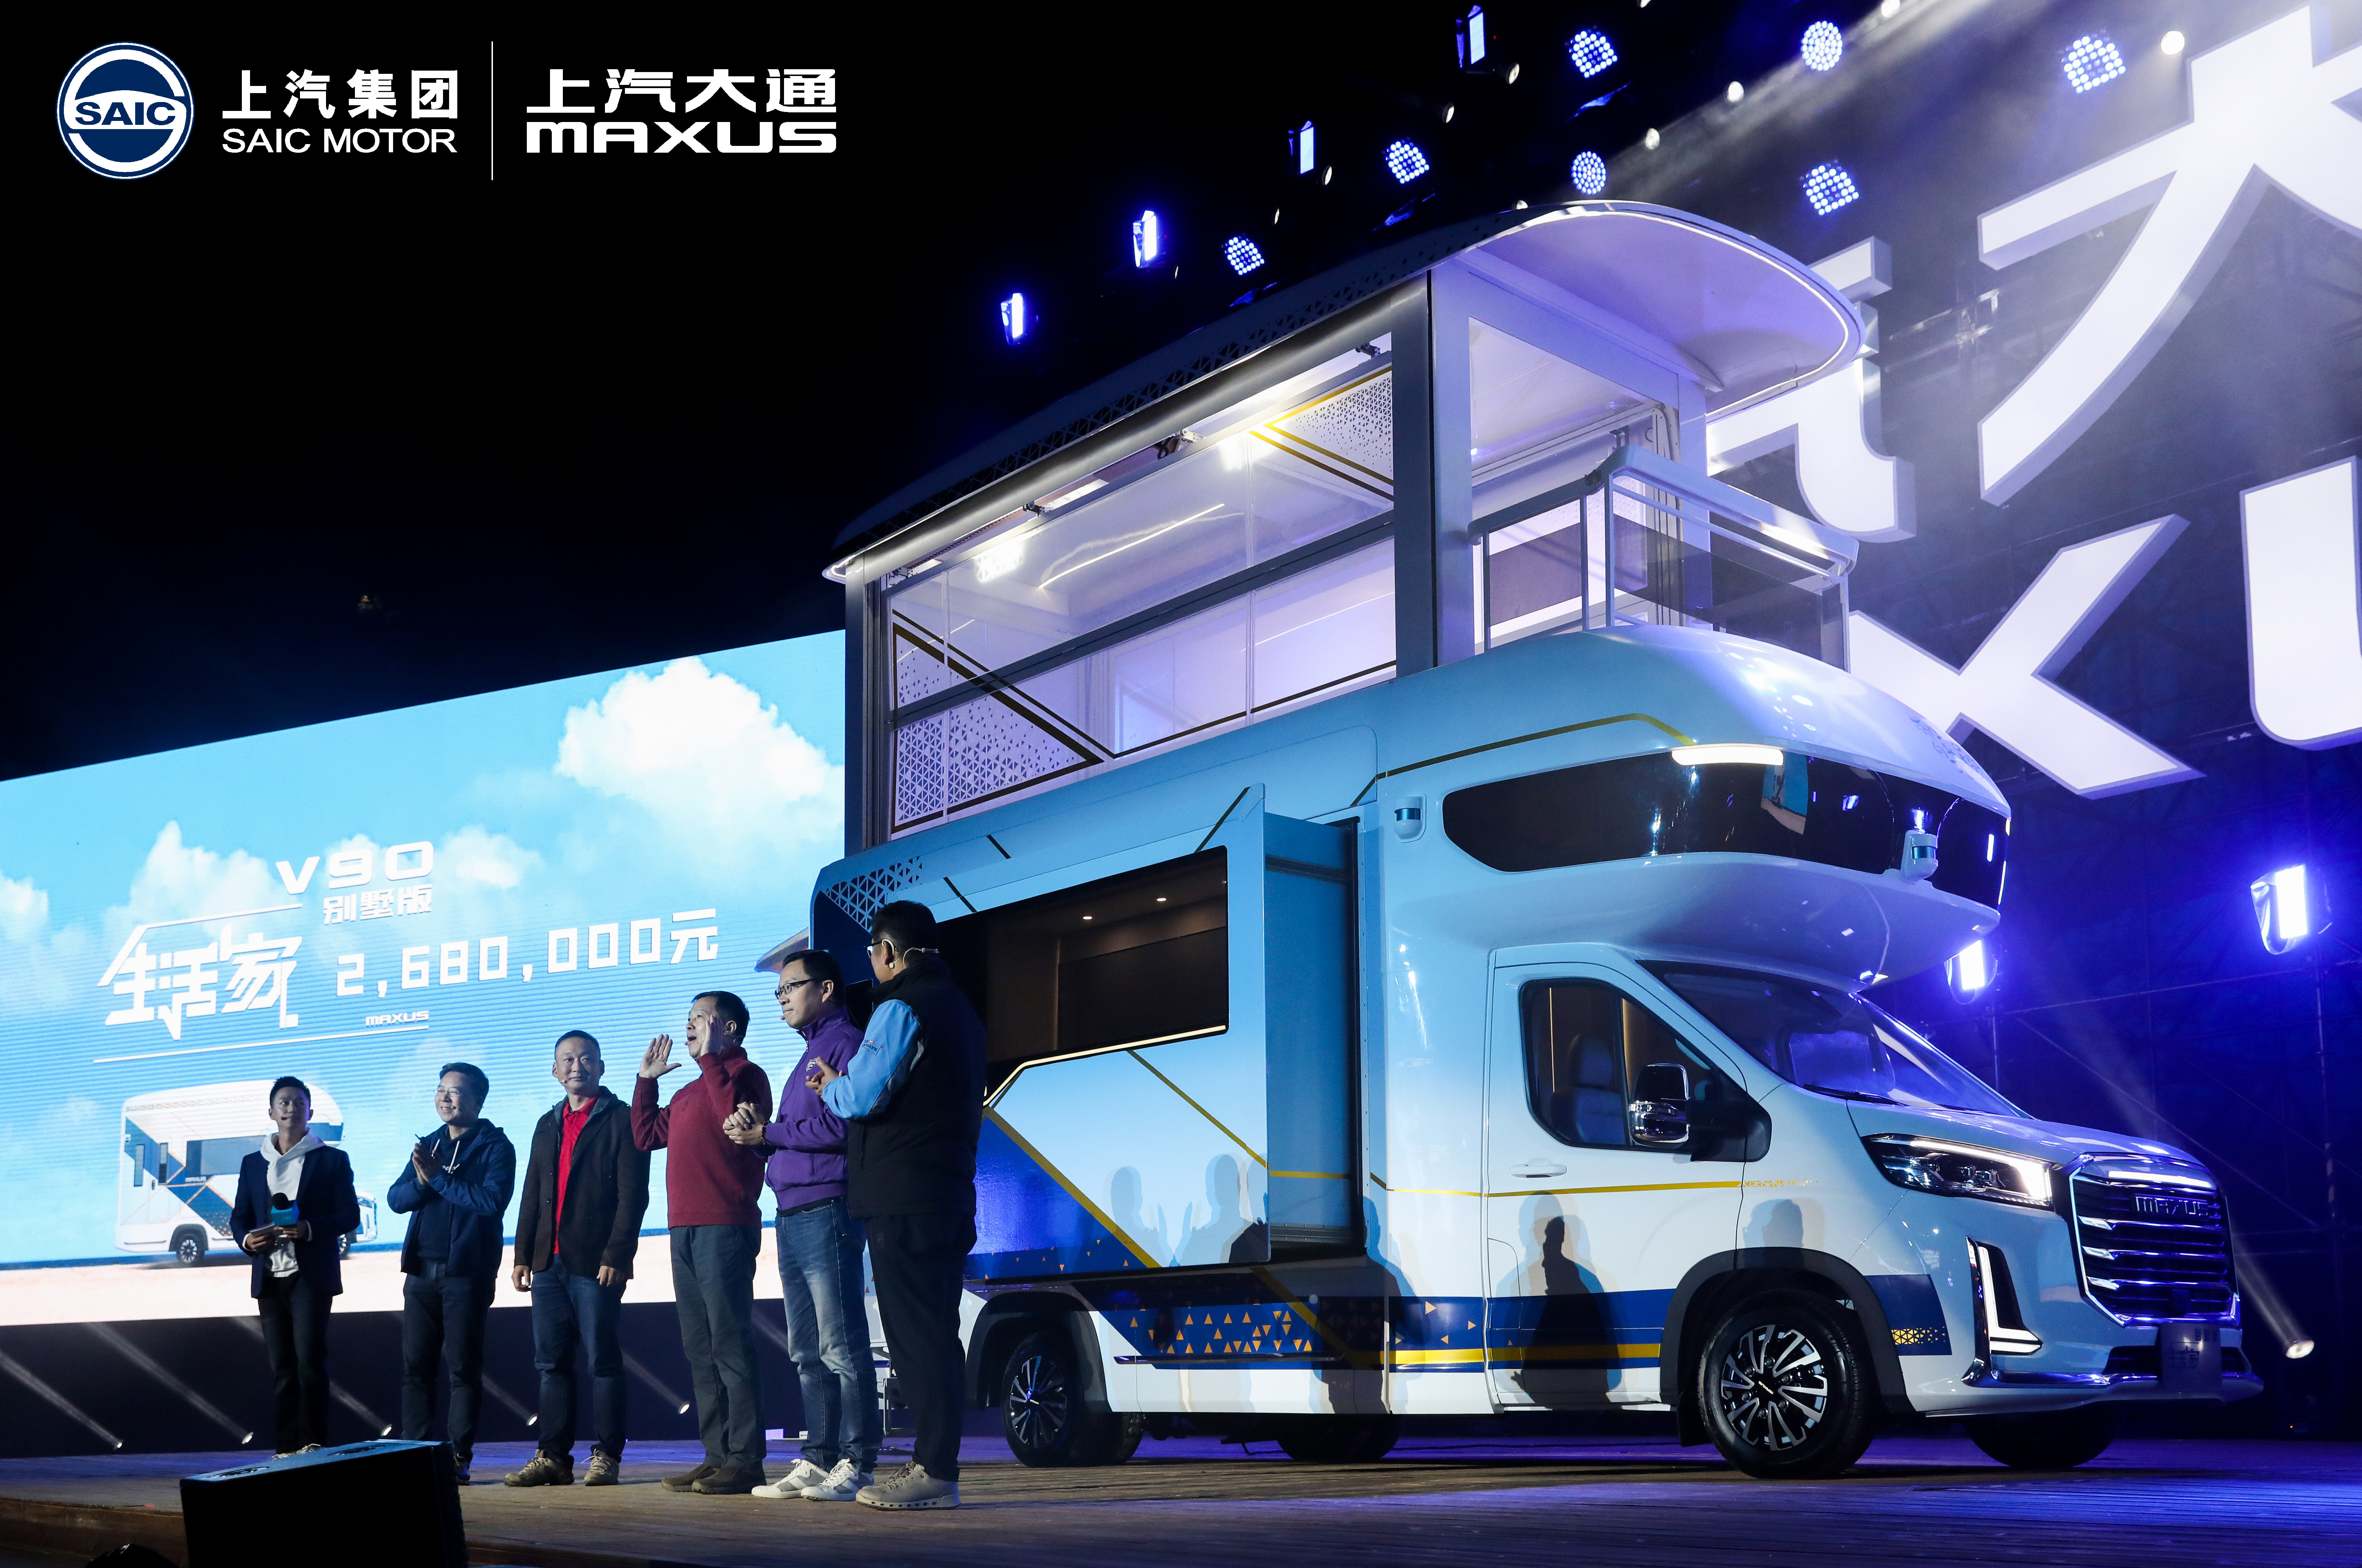 售价268万,上汽大通MAXUS 生活家V90别墅版重磅来袭,开启原厂房车定制新格局!